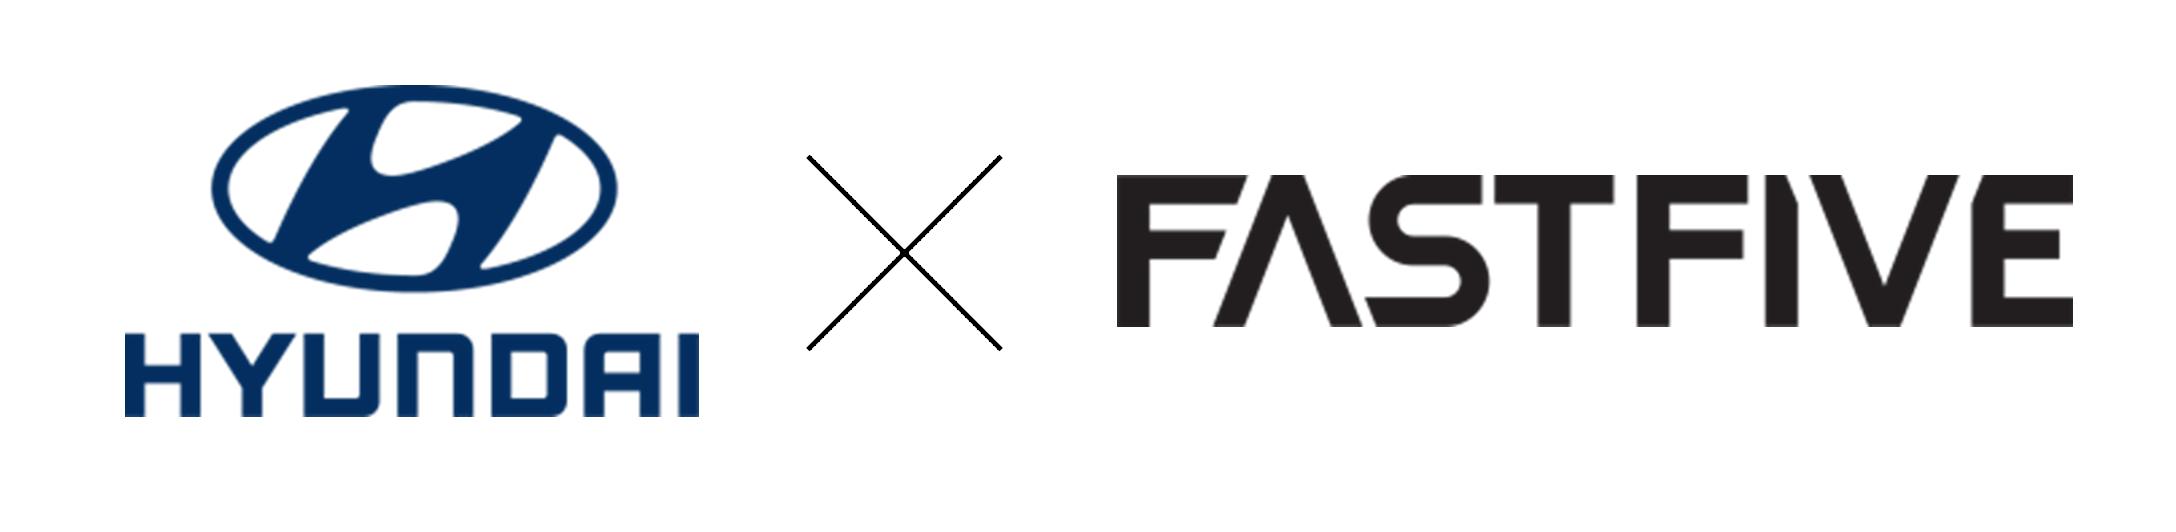 현대자동차 상담 예약 서비스 for FASTFIVE